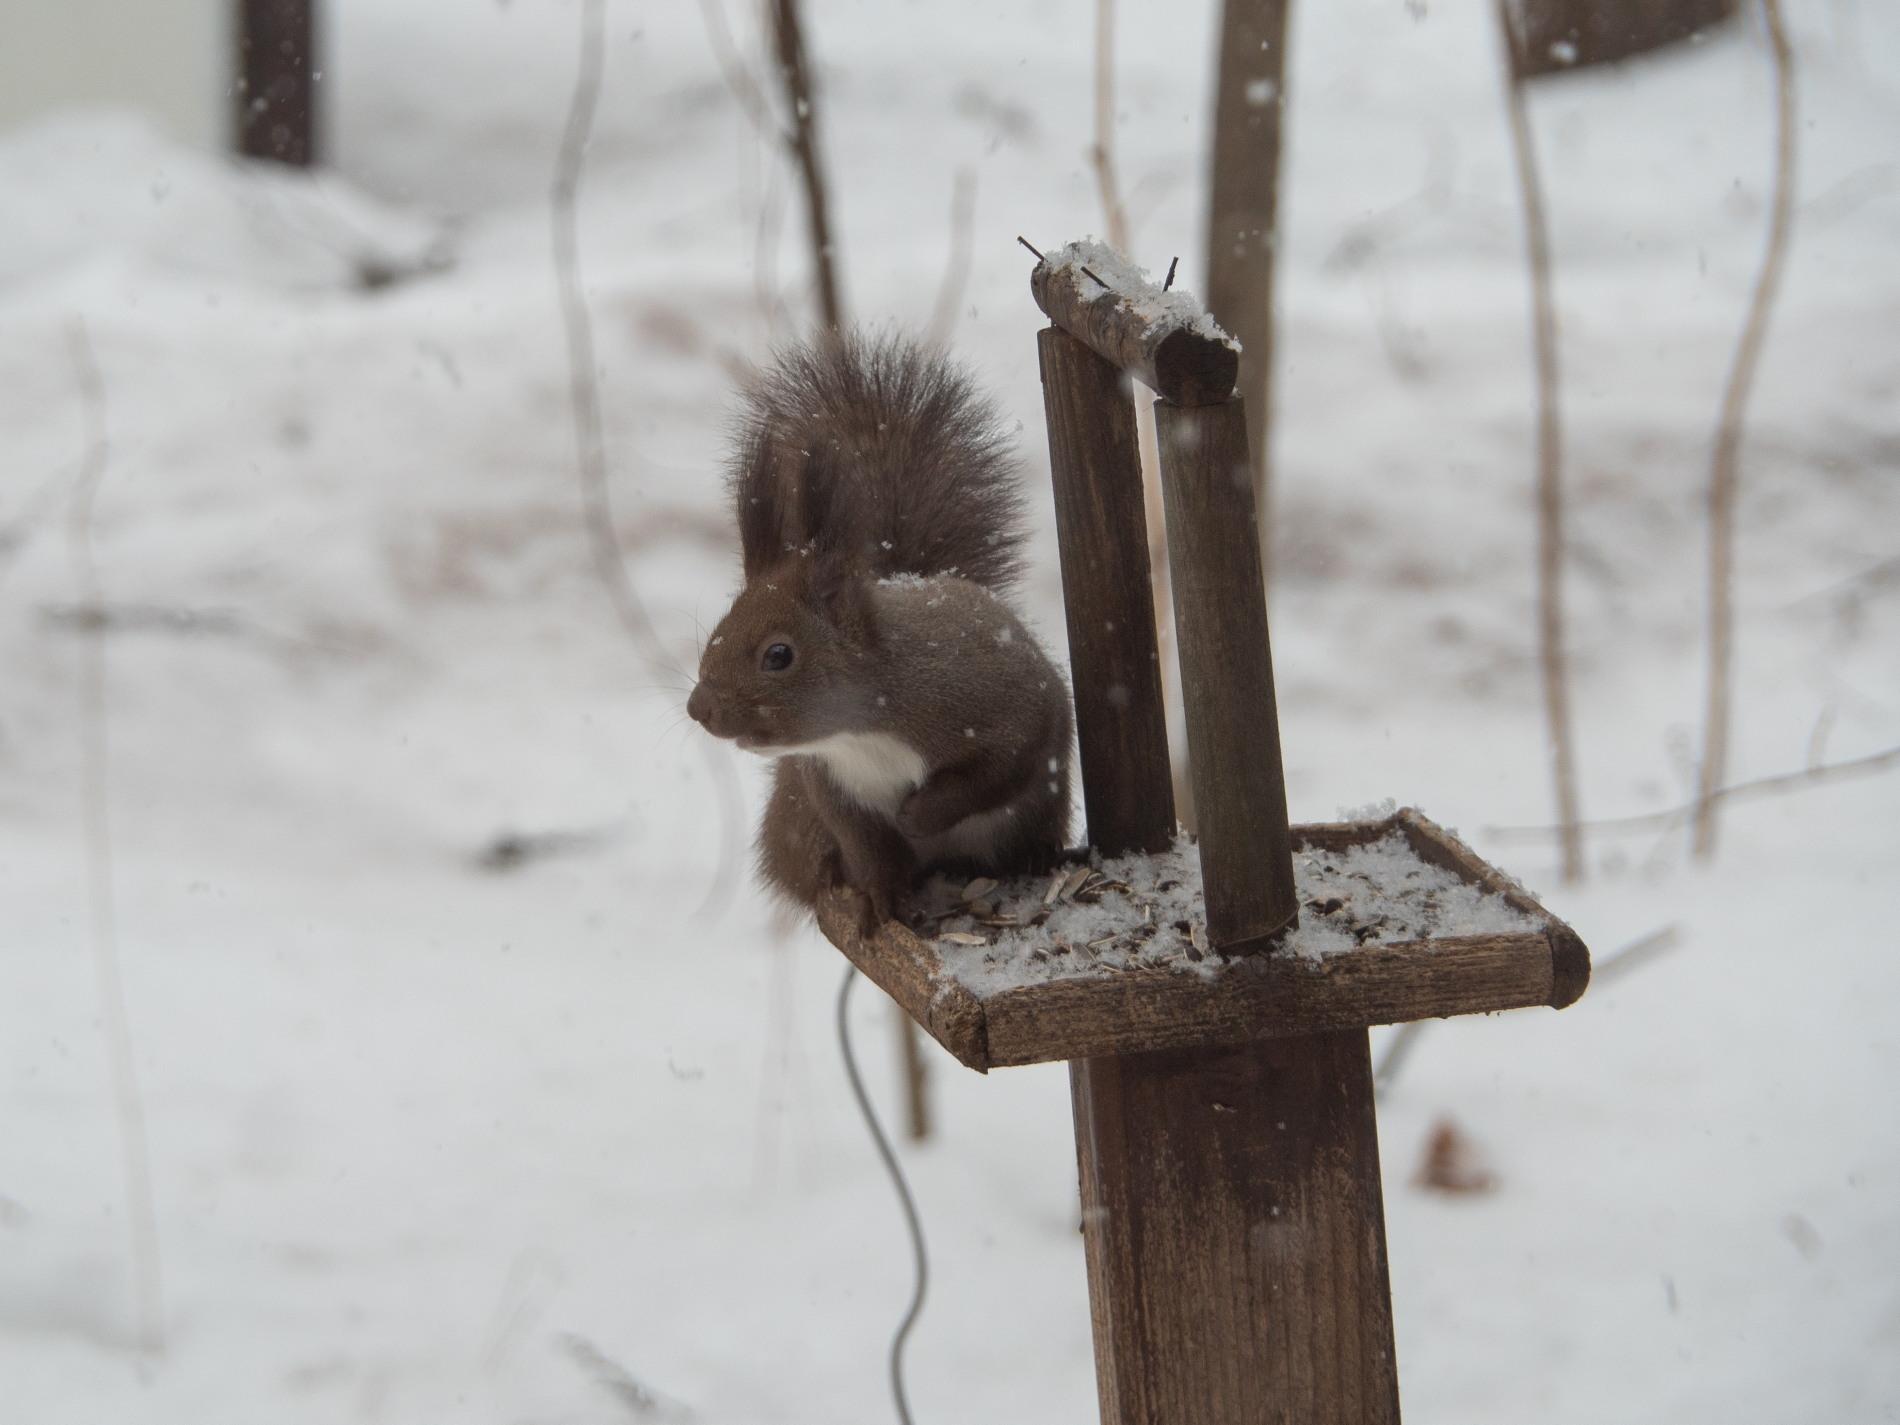 今度は大雪かな?雪に埋もれてしまうよ・・エゾリス君!_f0276498_20062452.jpg